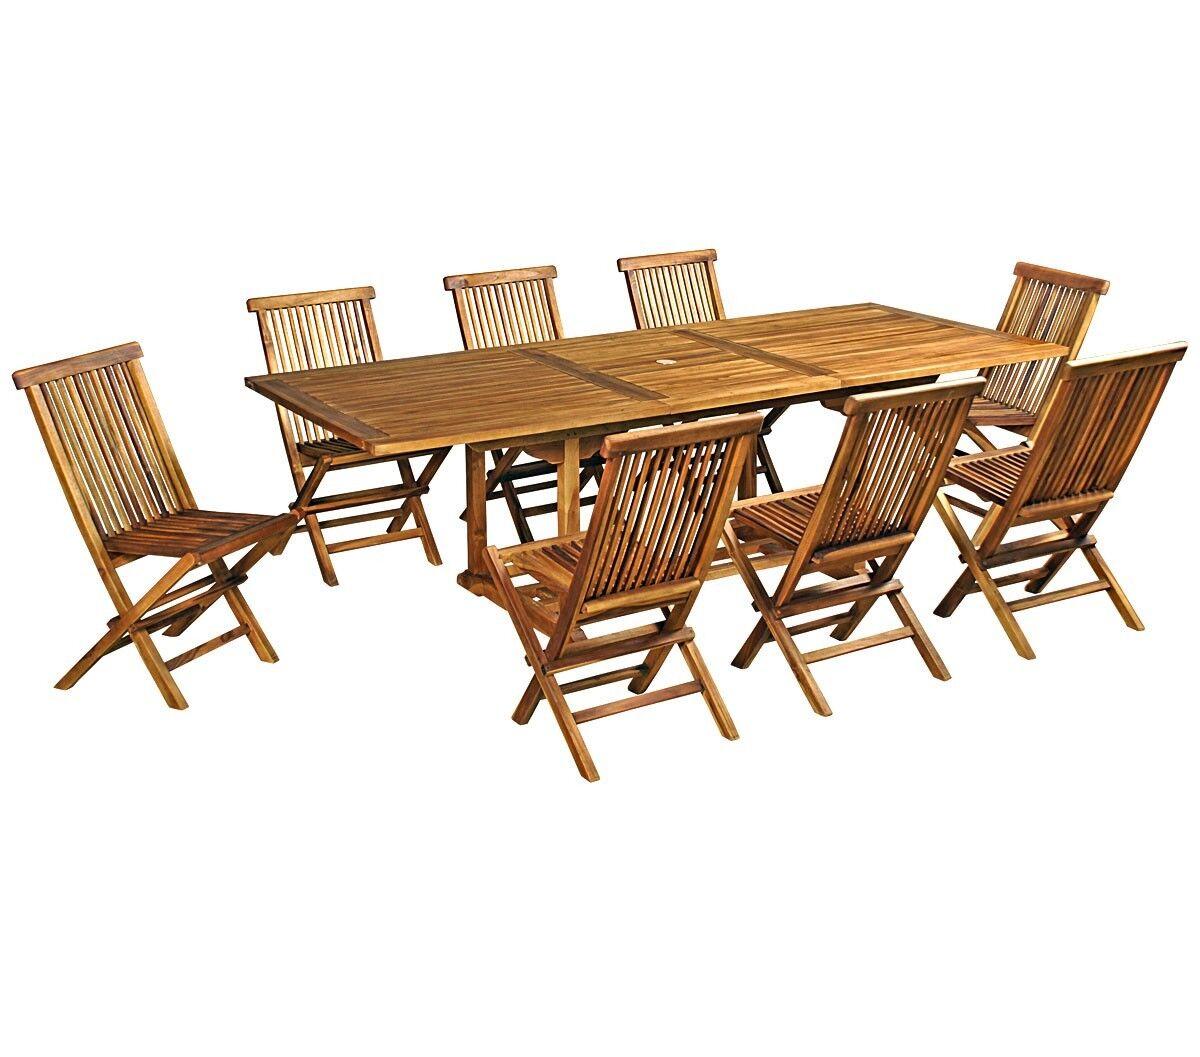 wood-en-stock salon de jardin en teck huilé pour 8 personnes 180-240cm